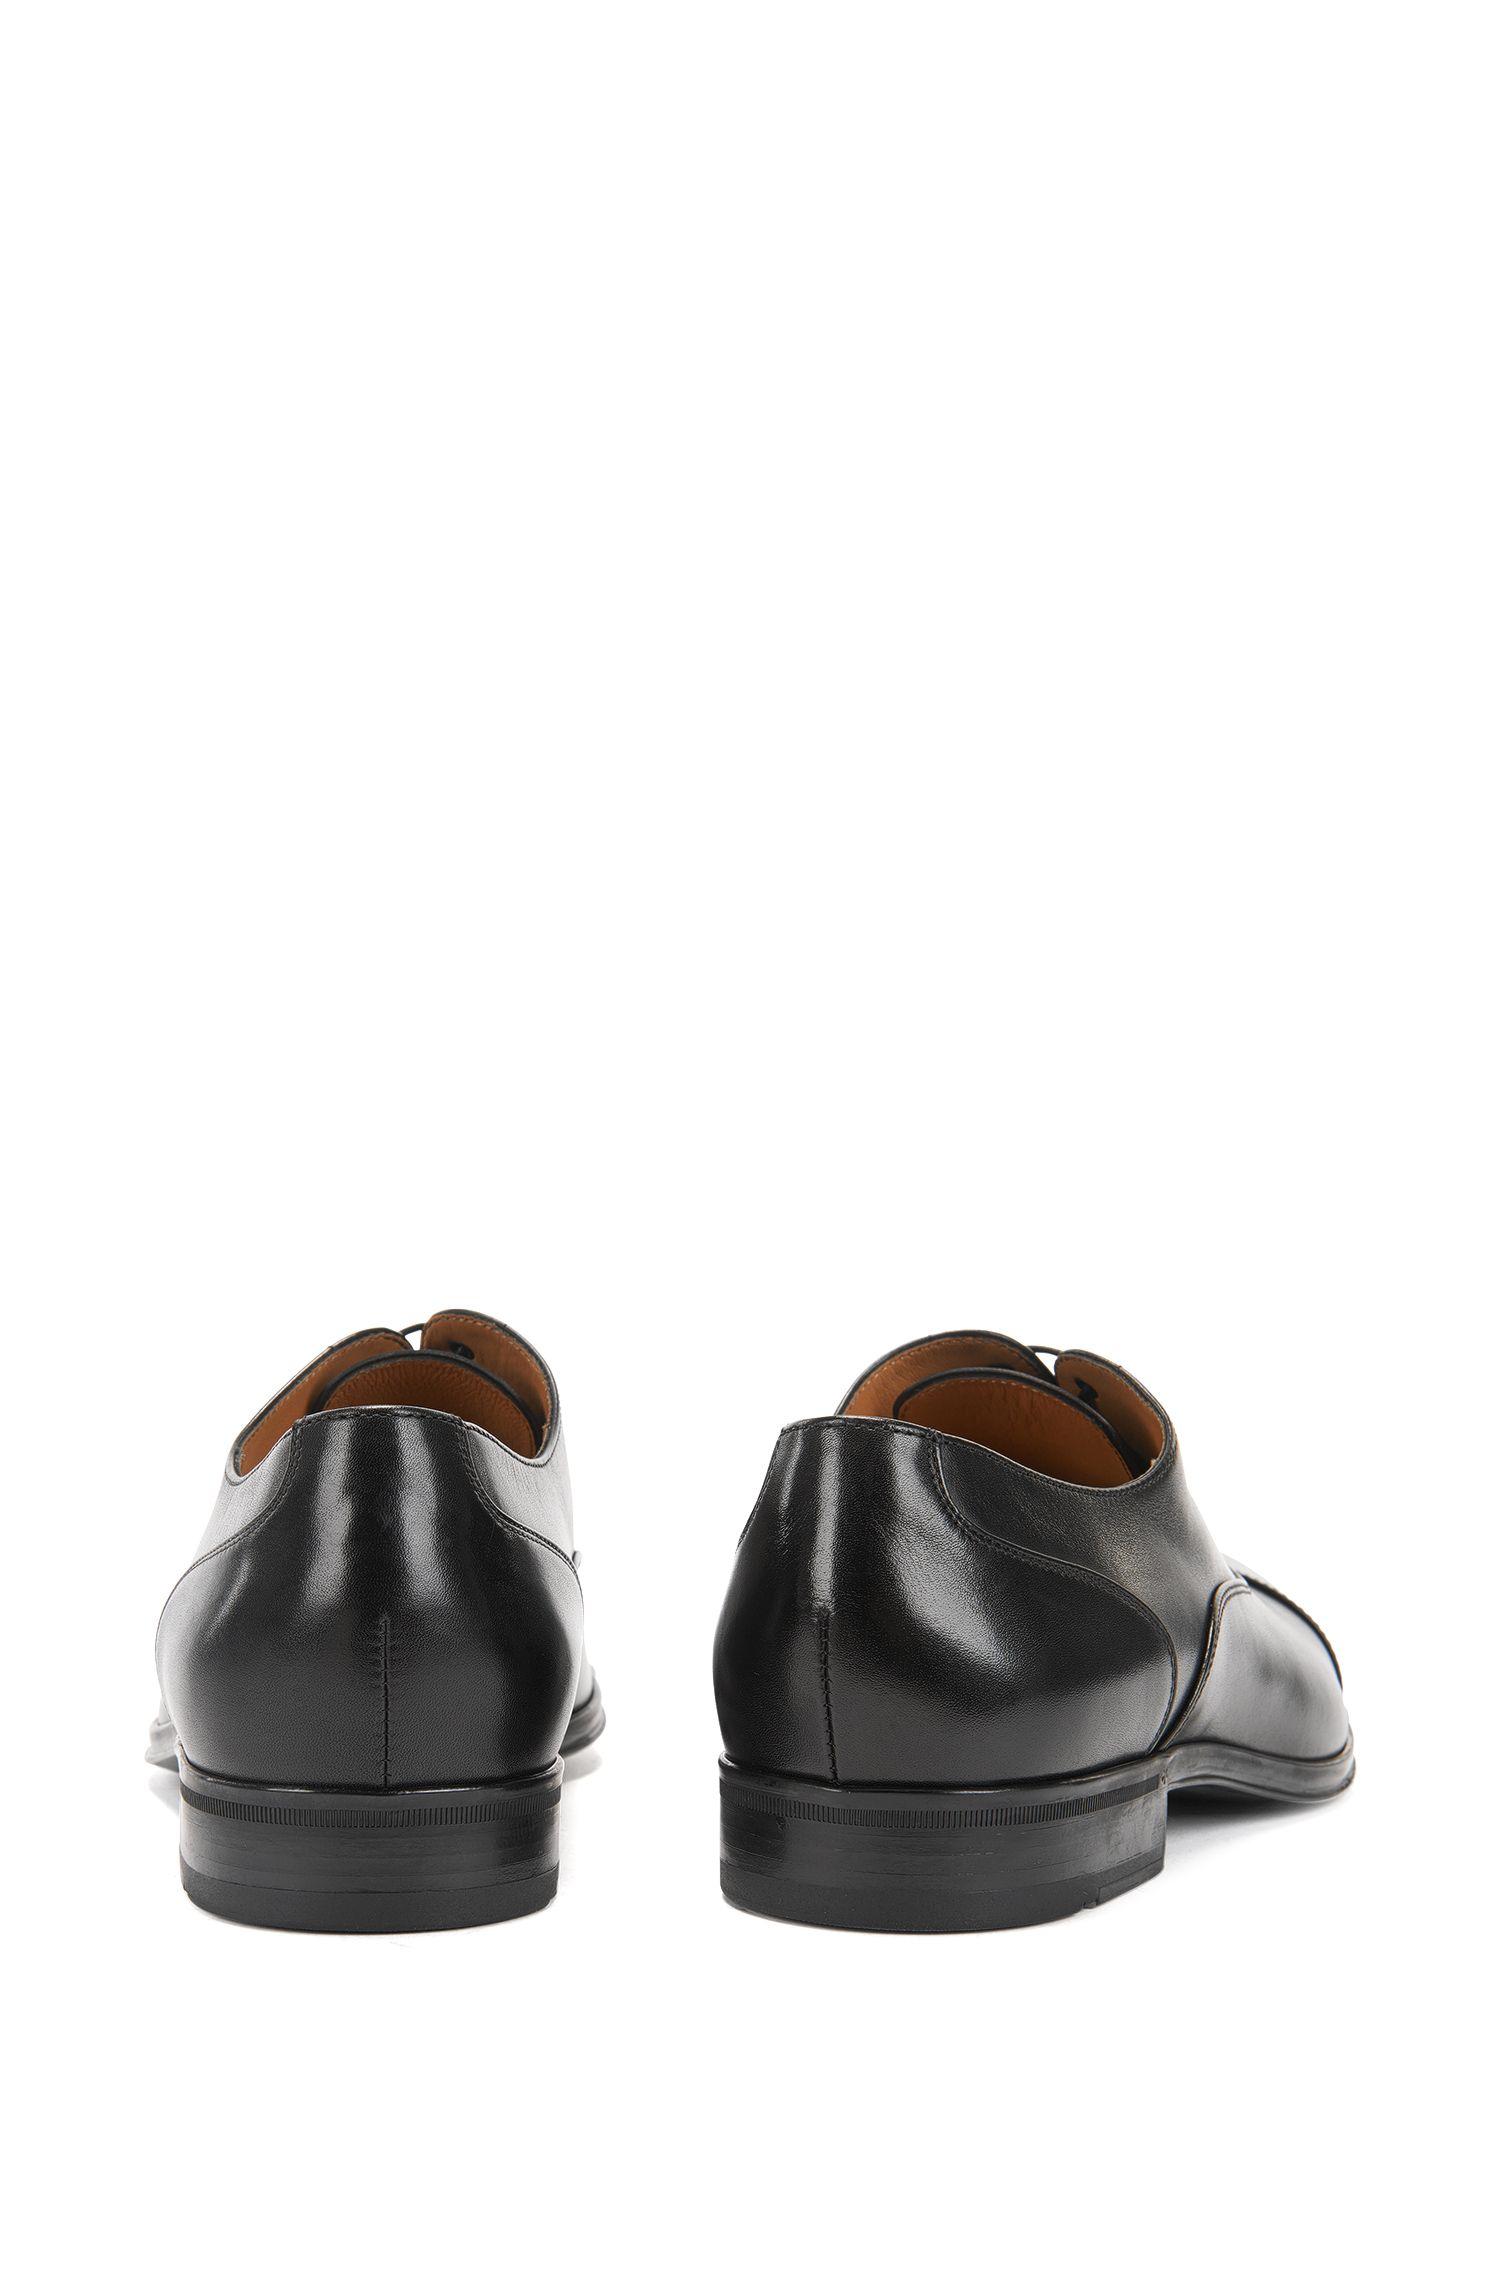 Scarpe Oxford in pelle liscia realizzate in Italia